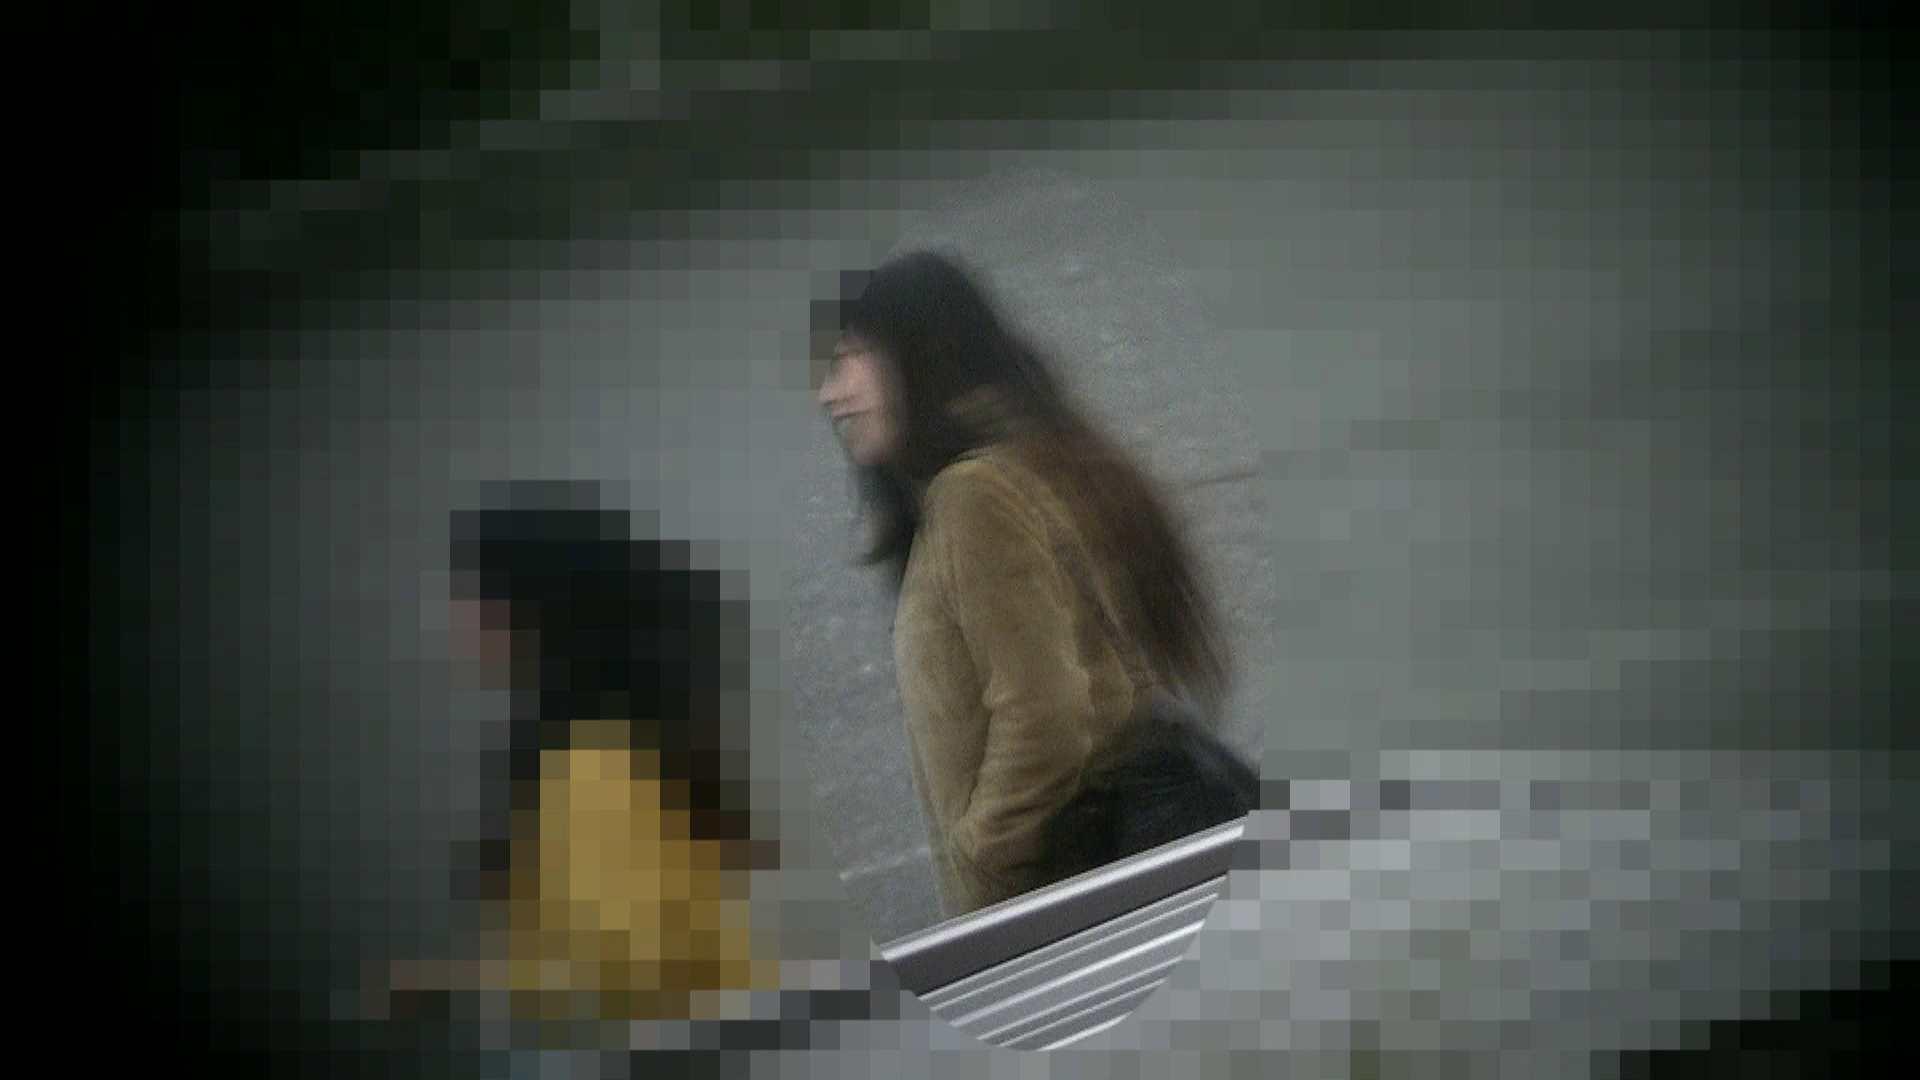 高画質露天女風呂観察 vol.006 乙女のエロ動画 濡れ場動画紹介 98PIX 22